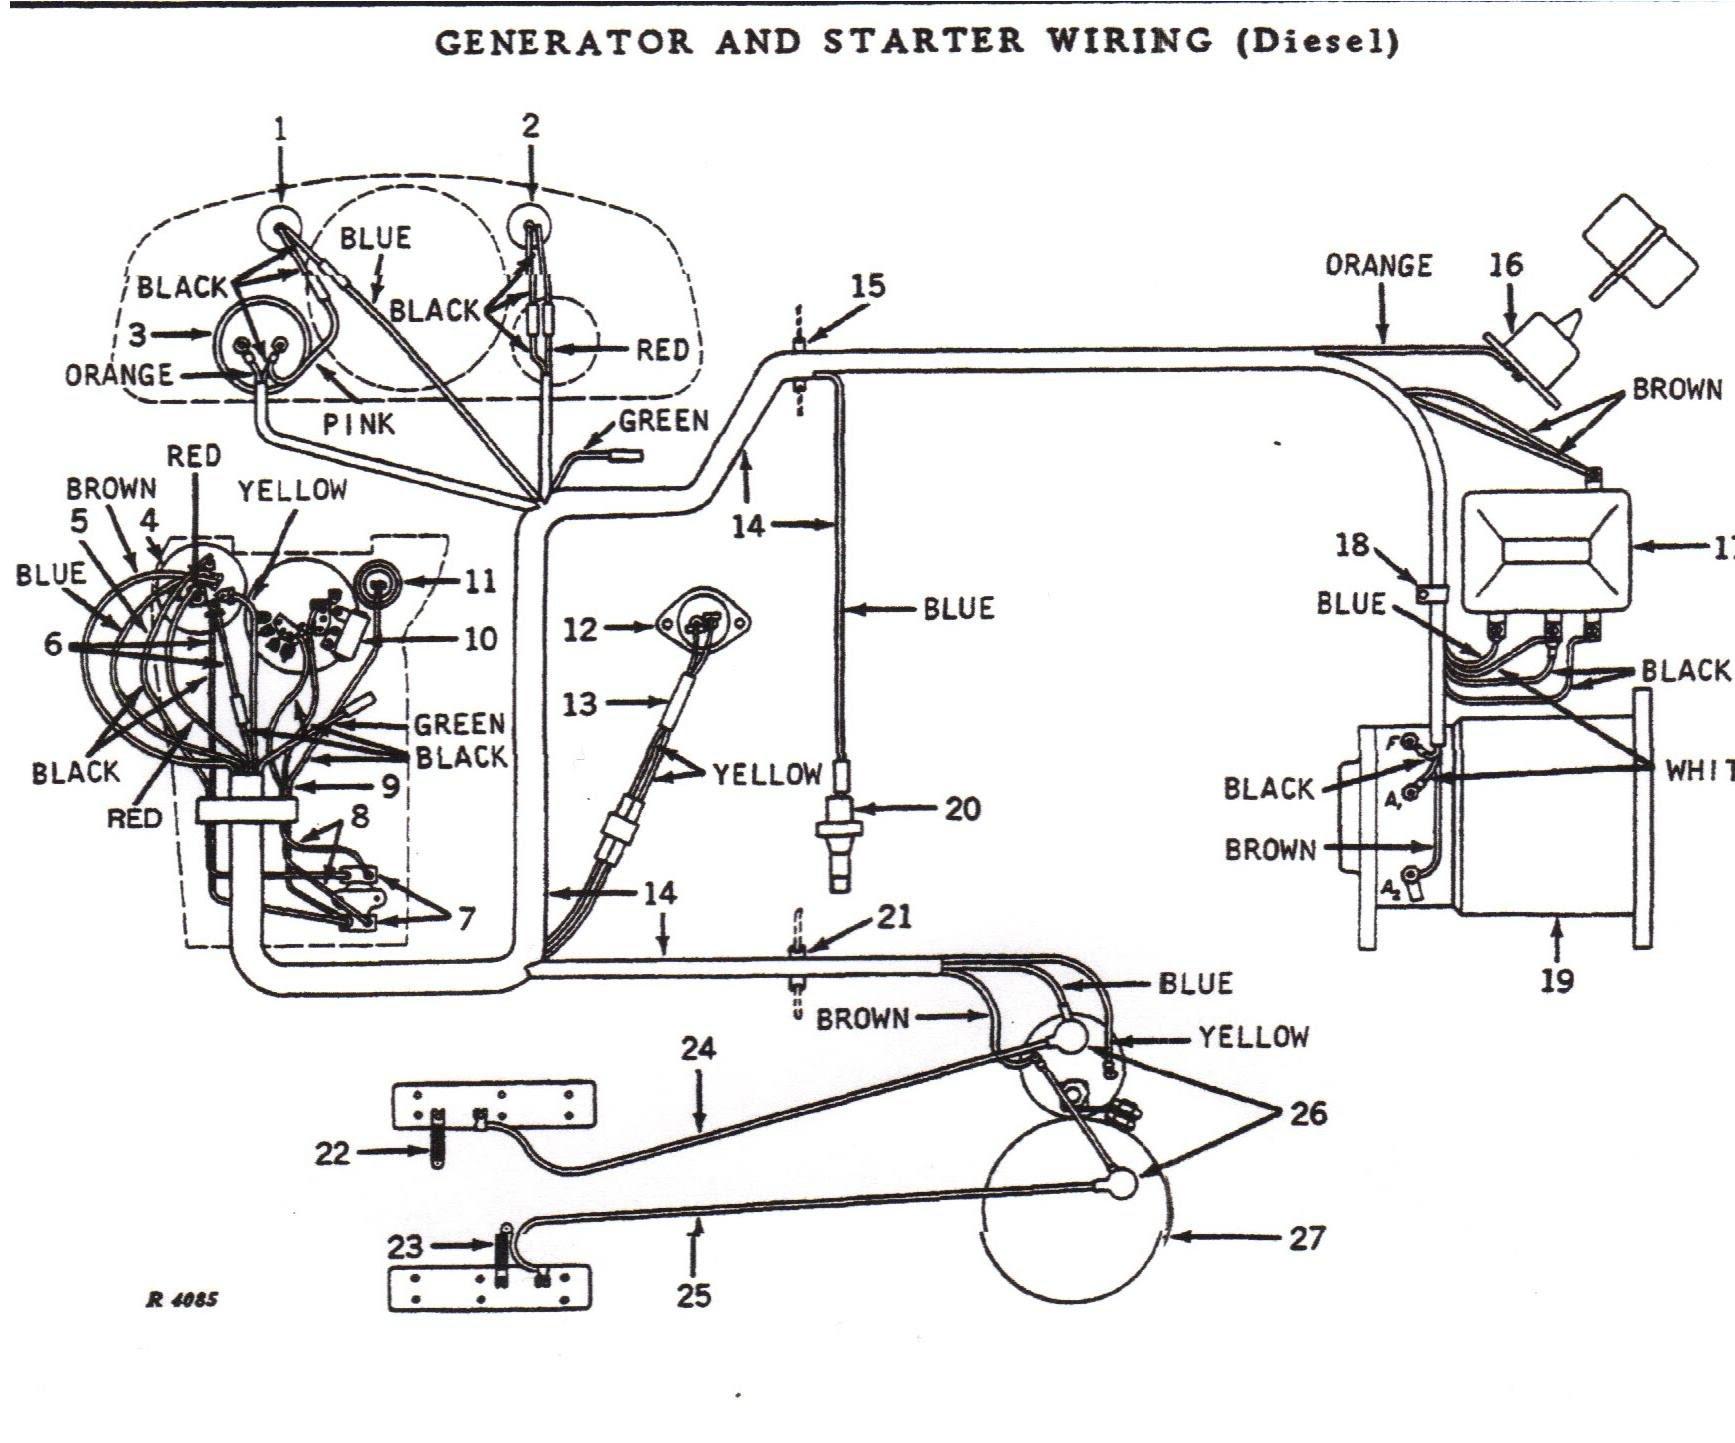 John Deere Rx75 Parts Diagram